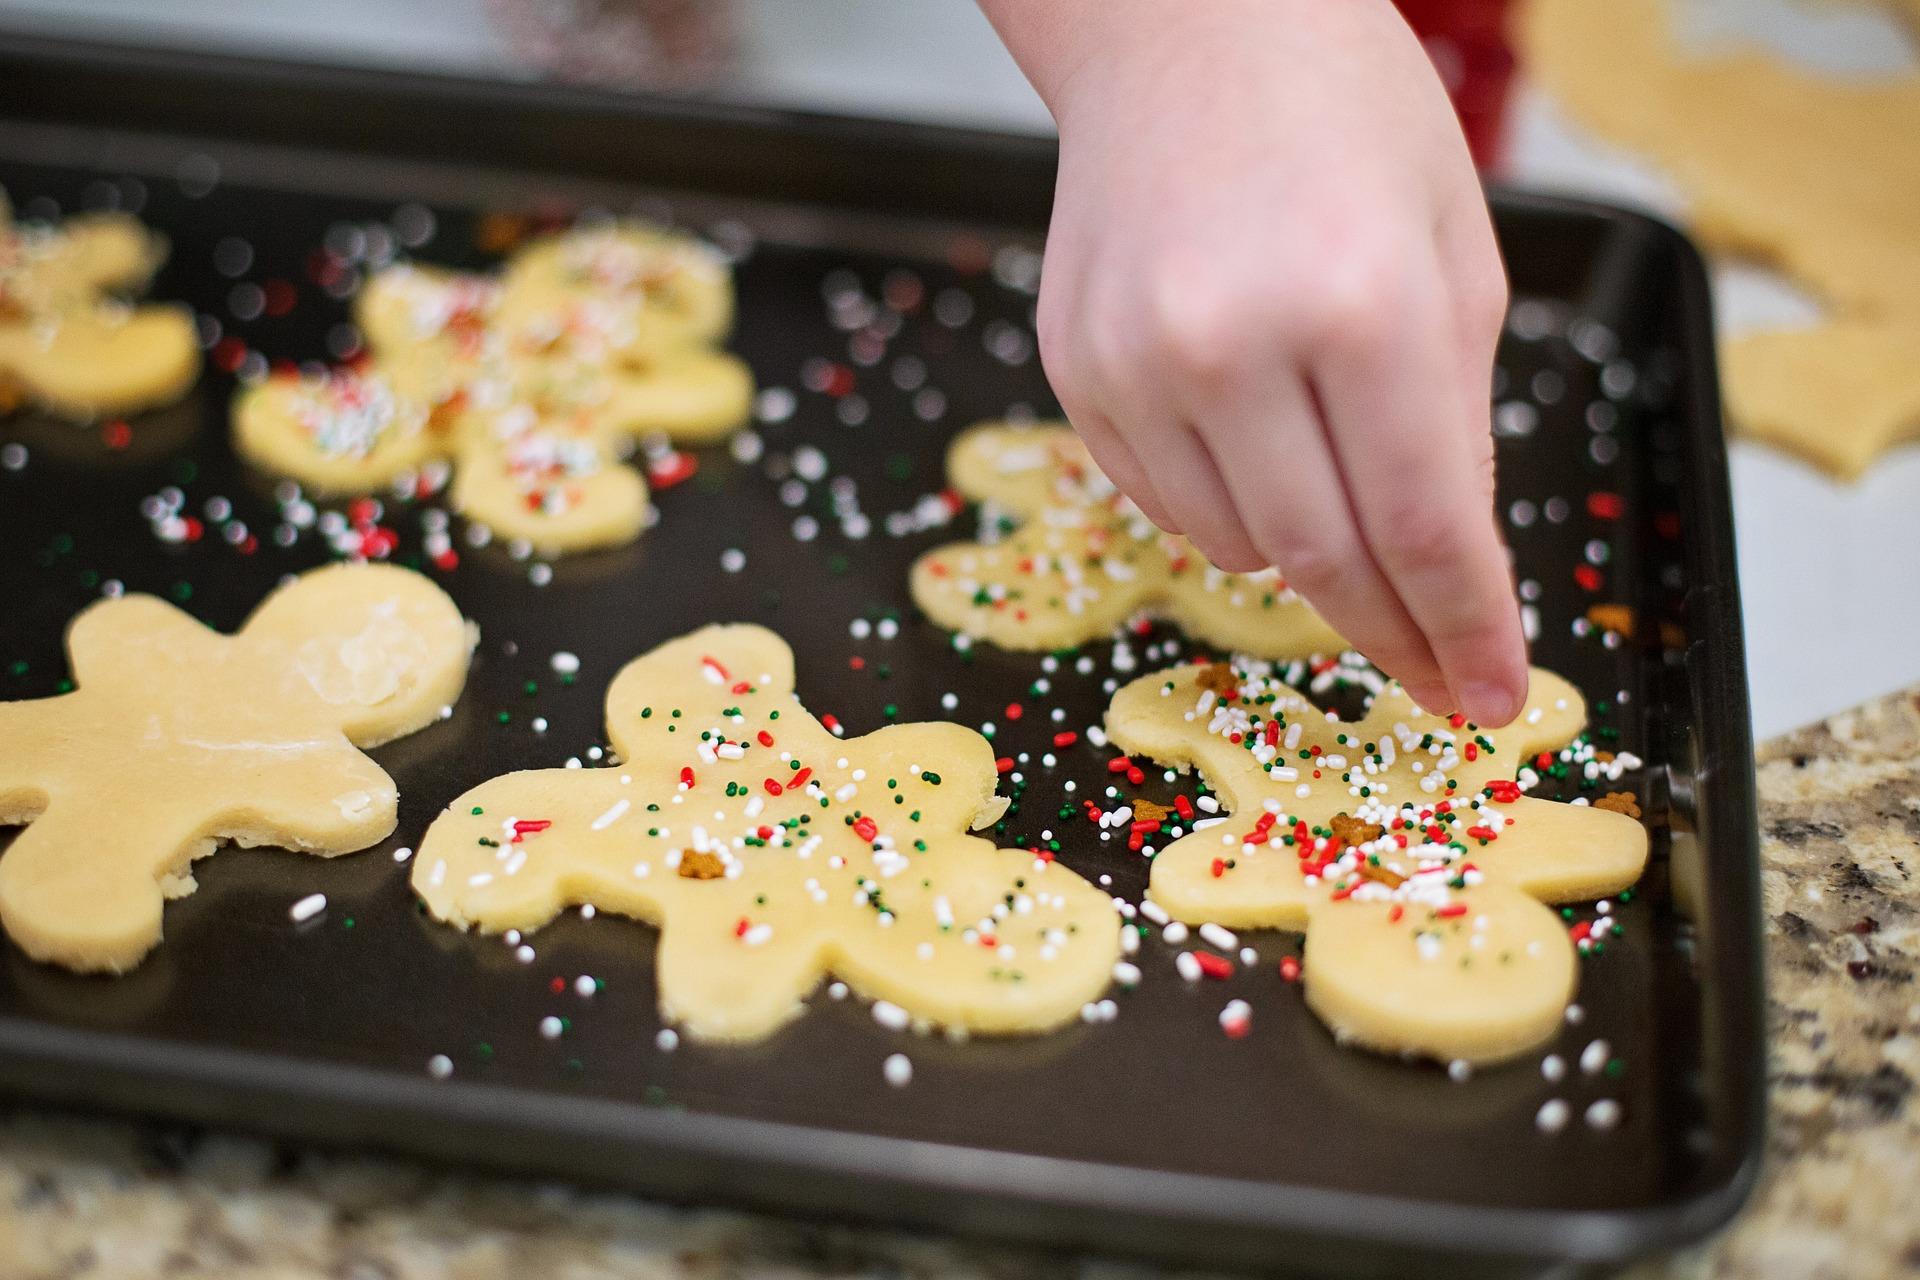 Demenza senile: come passare un Natale sereno con il tuo caro